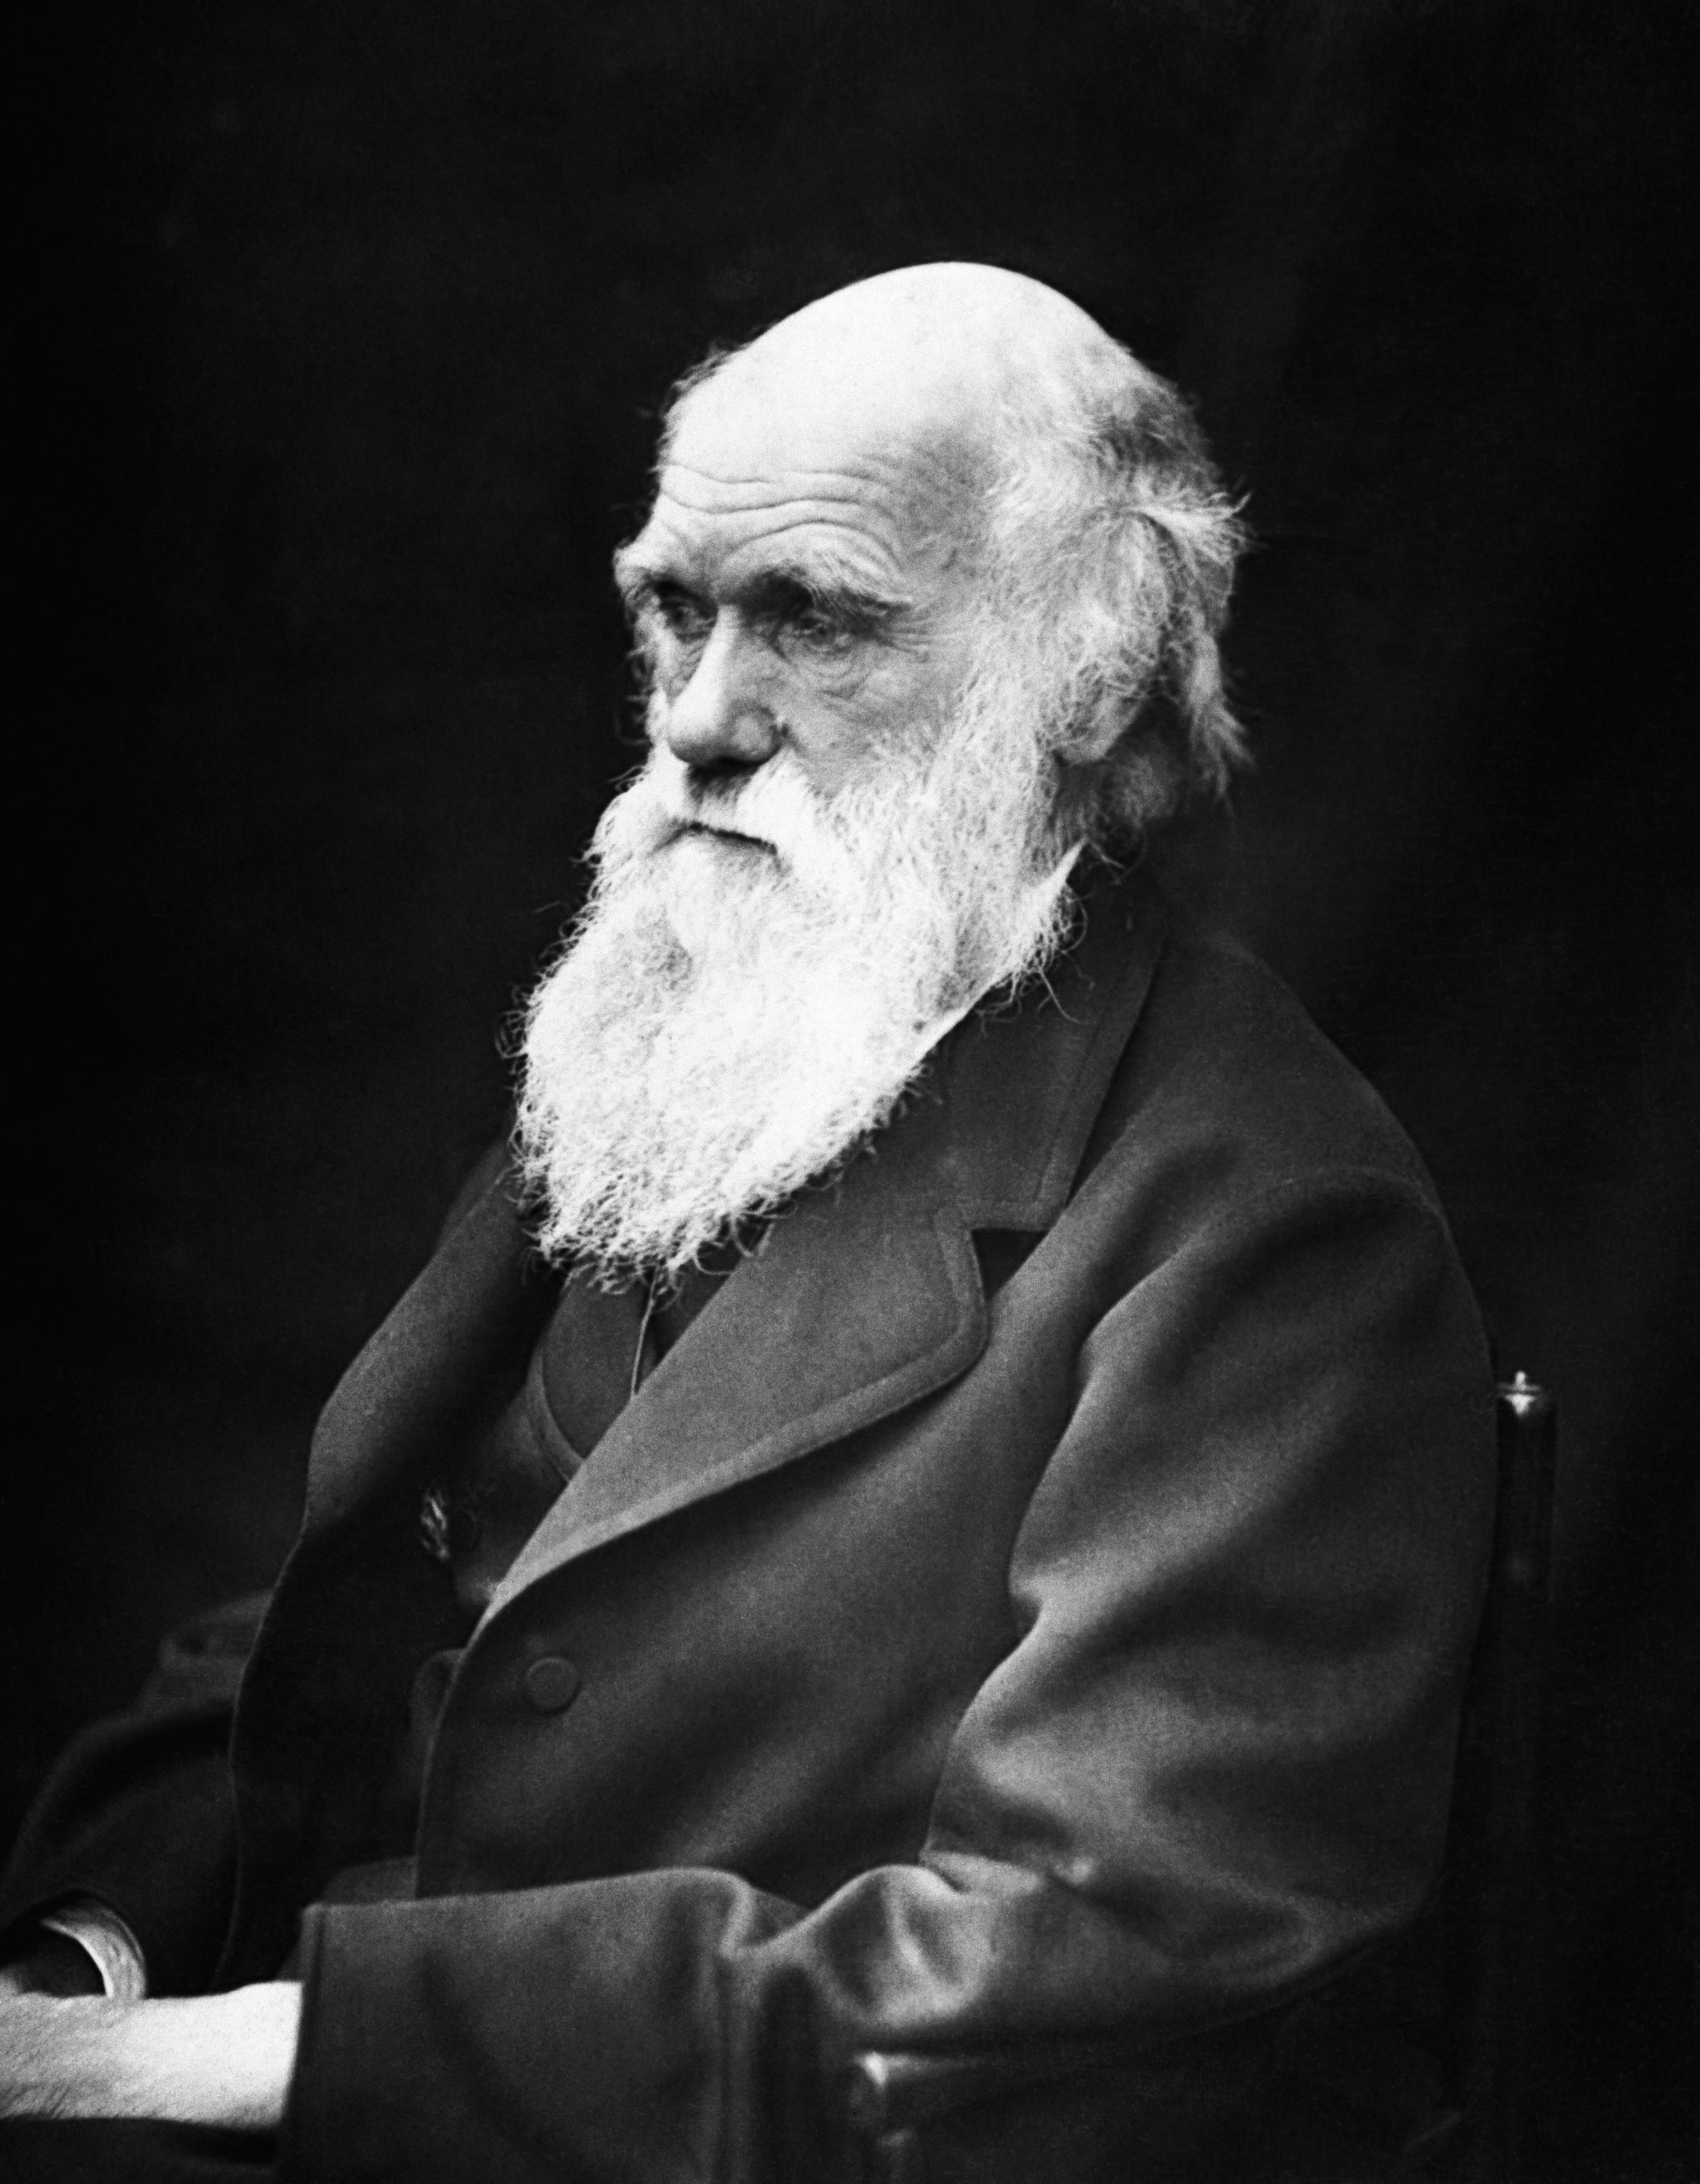 La visite de Charles Darwin aux Tuamotu, et notamment à Fakarava, lui permit, quelques années plus tard, d'expliquer la formation des atolls, restes de volcans dont seul ce qui fut le récif frangeant est apparent.